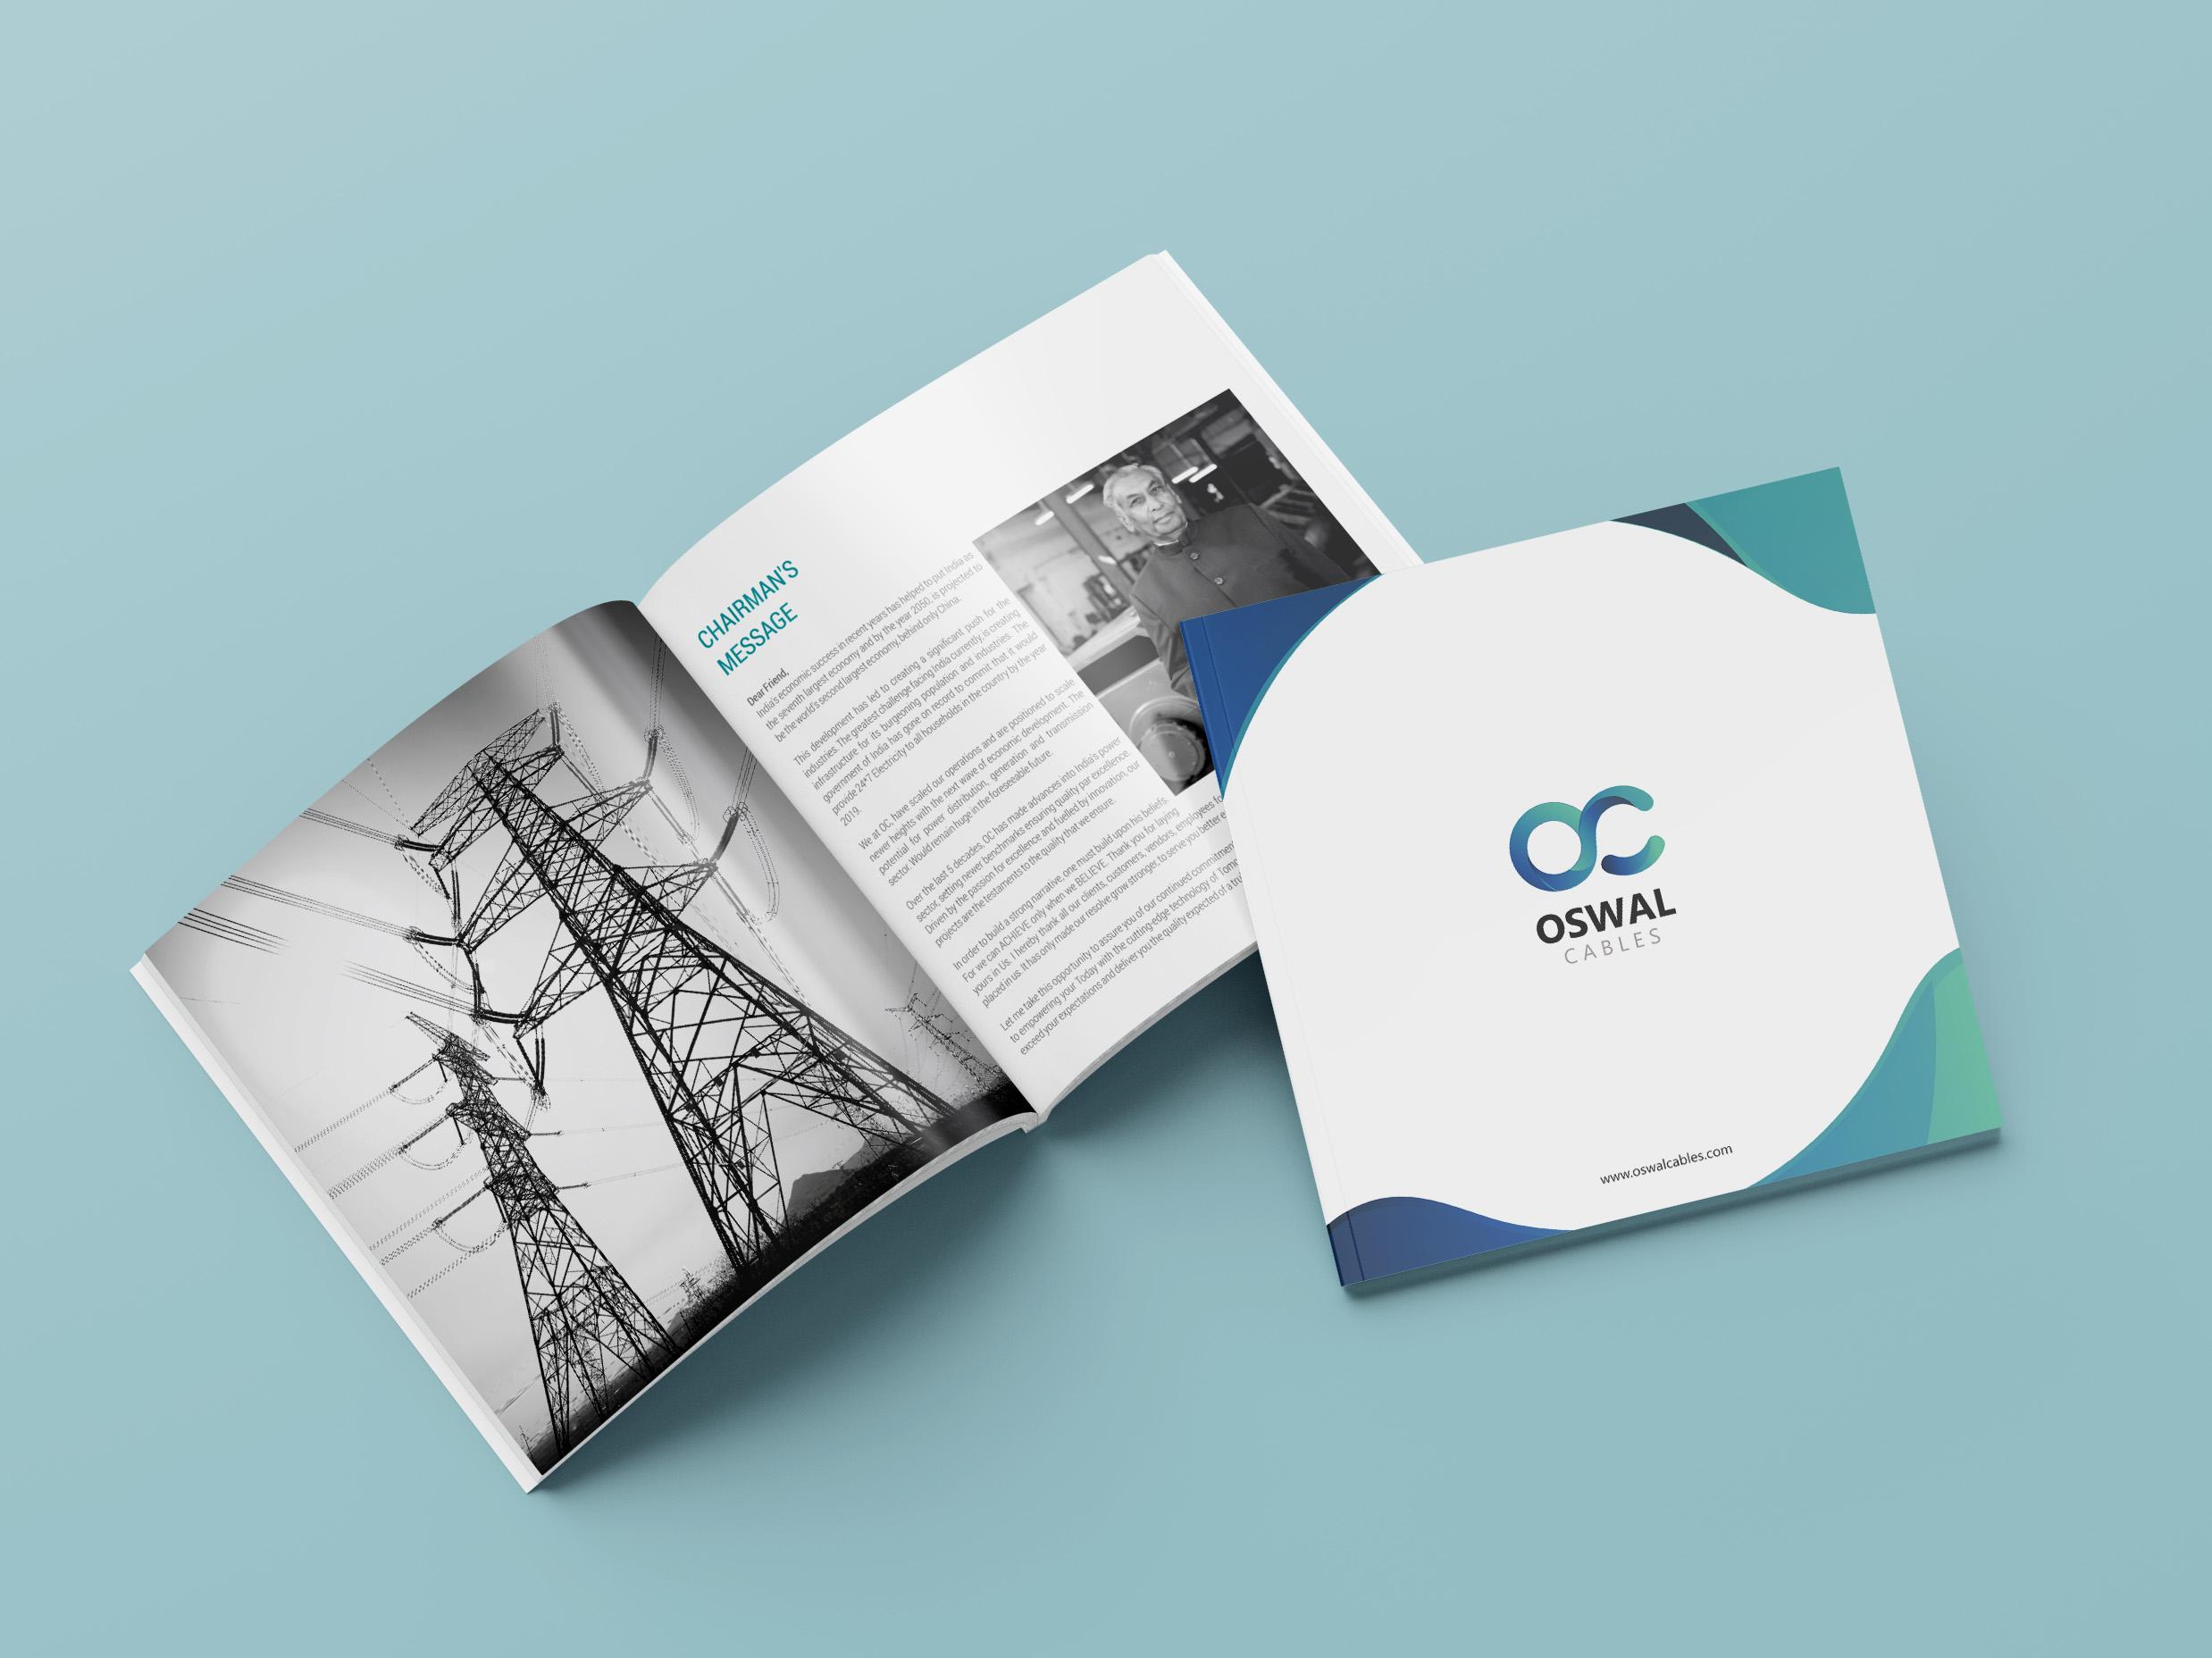 oswal 3d rendering brochure